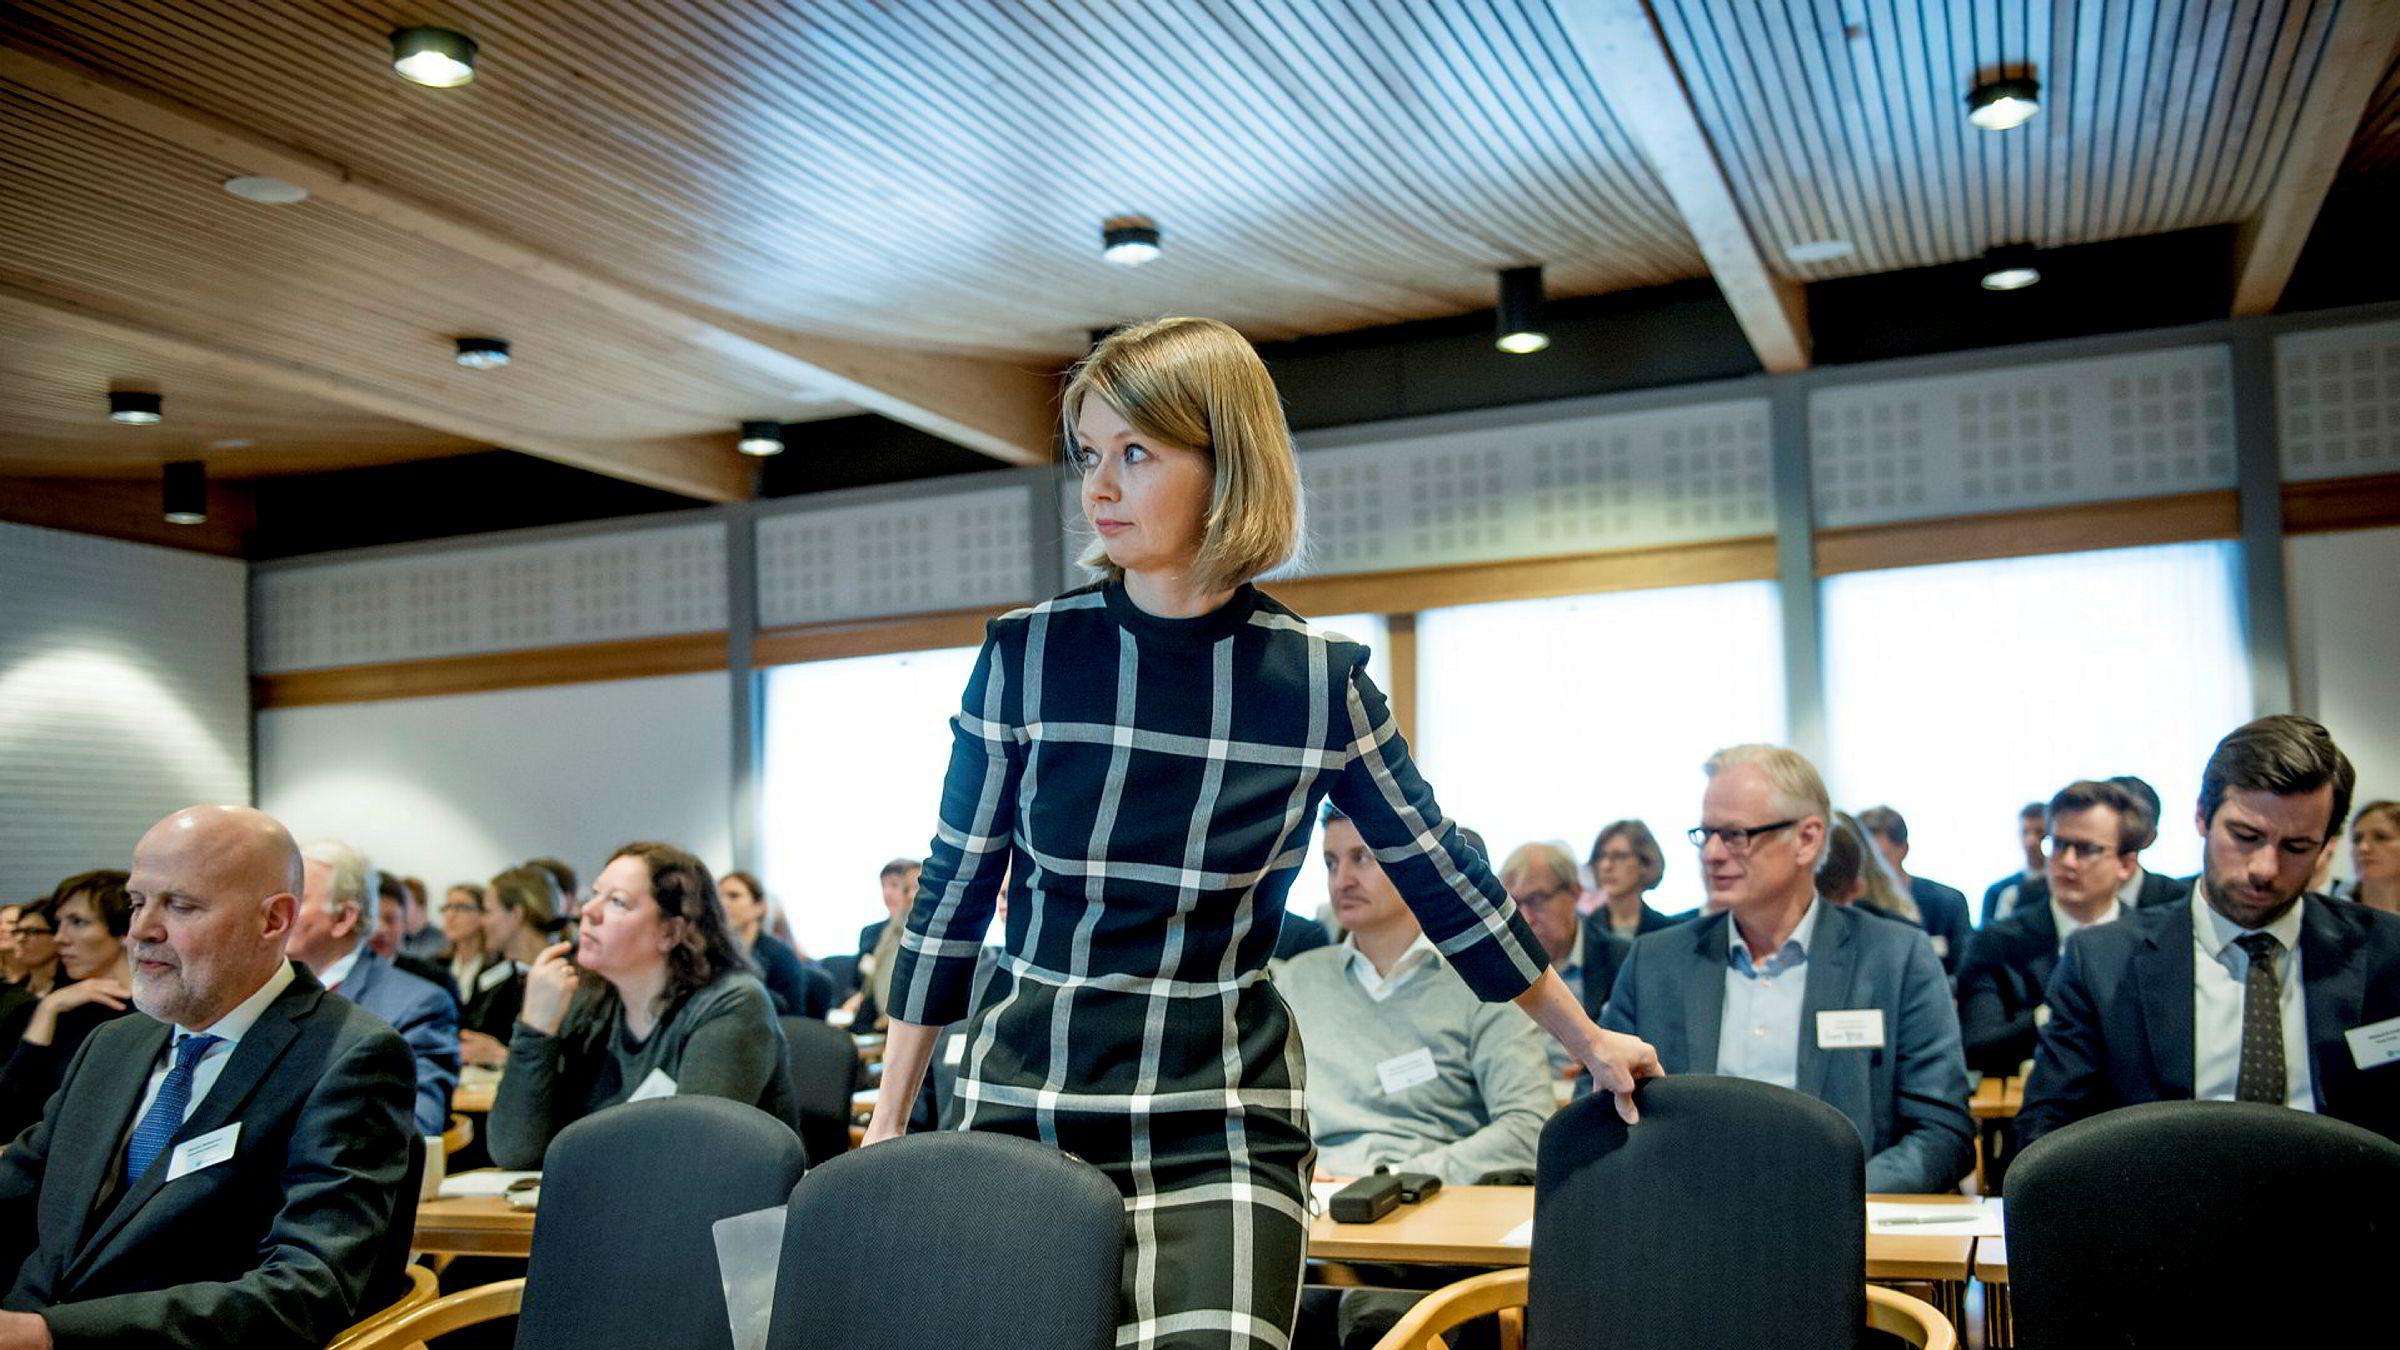 Direktør for pengepolitikk i Norges Bank, Ida Wolden Bache, deltok onsdag på Valutaseminaret 2018 på Voksenåsen kultur og konferansehotell. Der fikk hun også ta imot Prognoseprisen på vegne av sentralbanken.